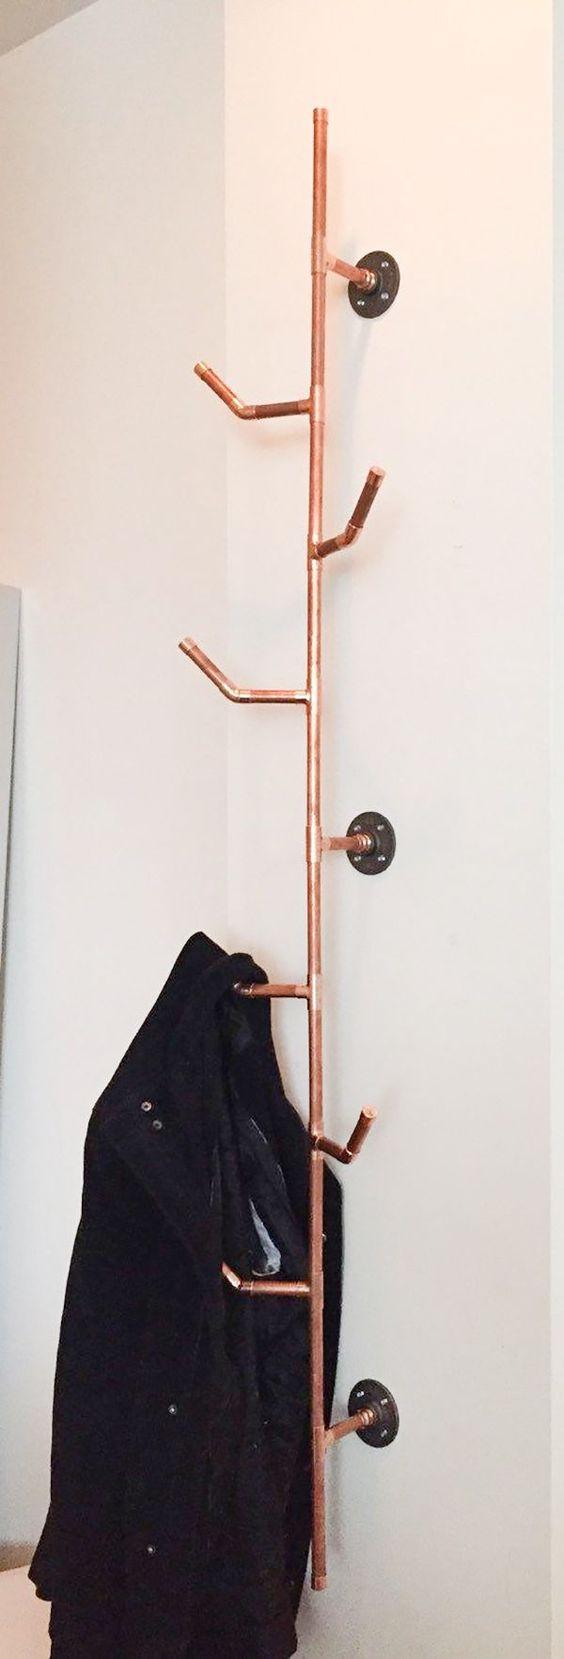 Decoração, Canos de cobre, Decoração com canos de cobre: